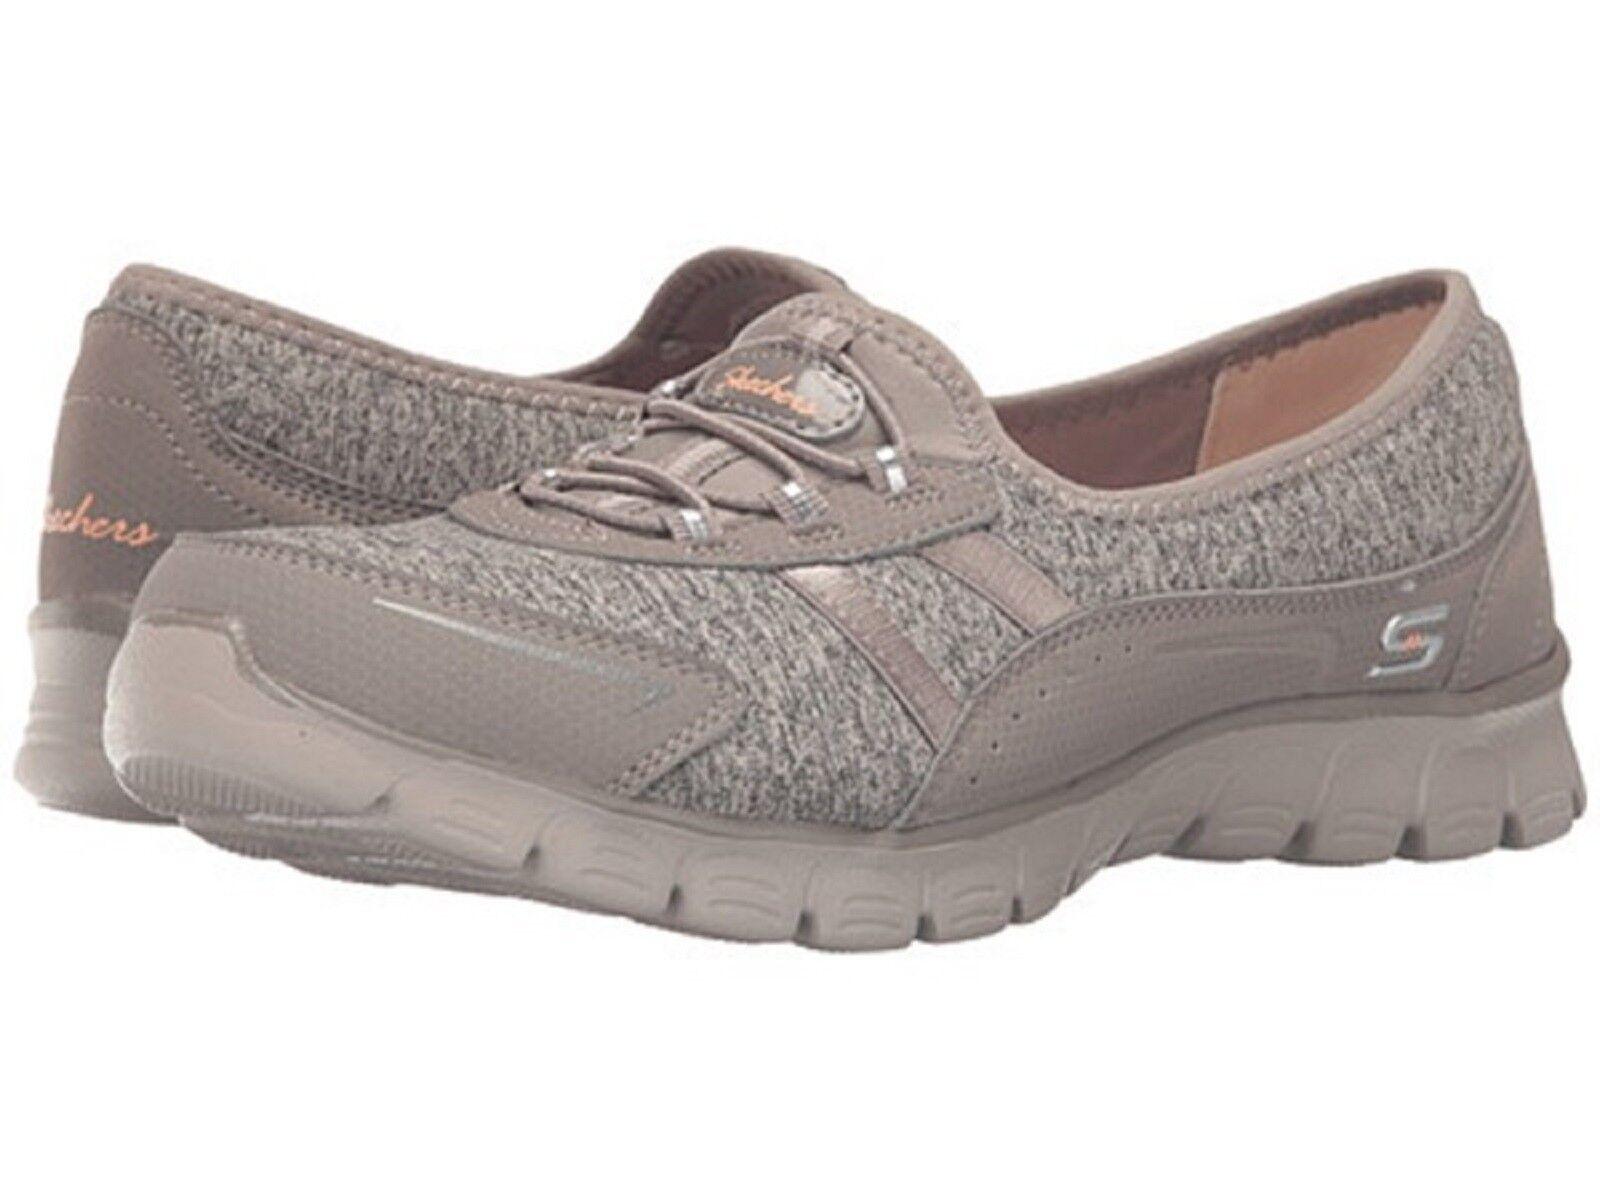 SKECHERS Ladies EZ FLEX 3.0- FEELING GOOD  Walking Sneakers-Taupe Sz. 9M NIB